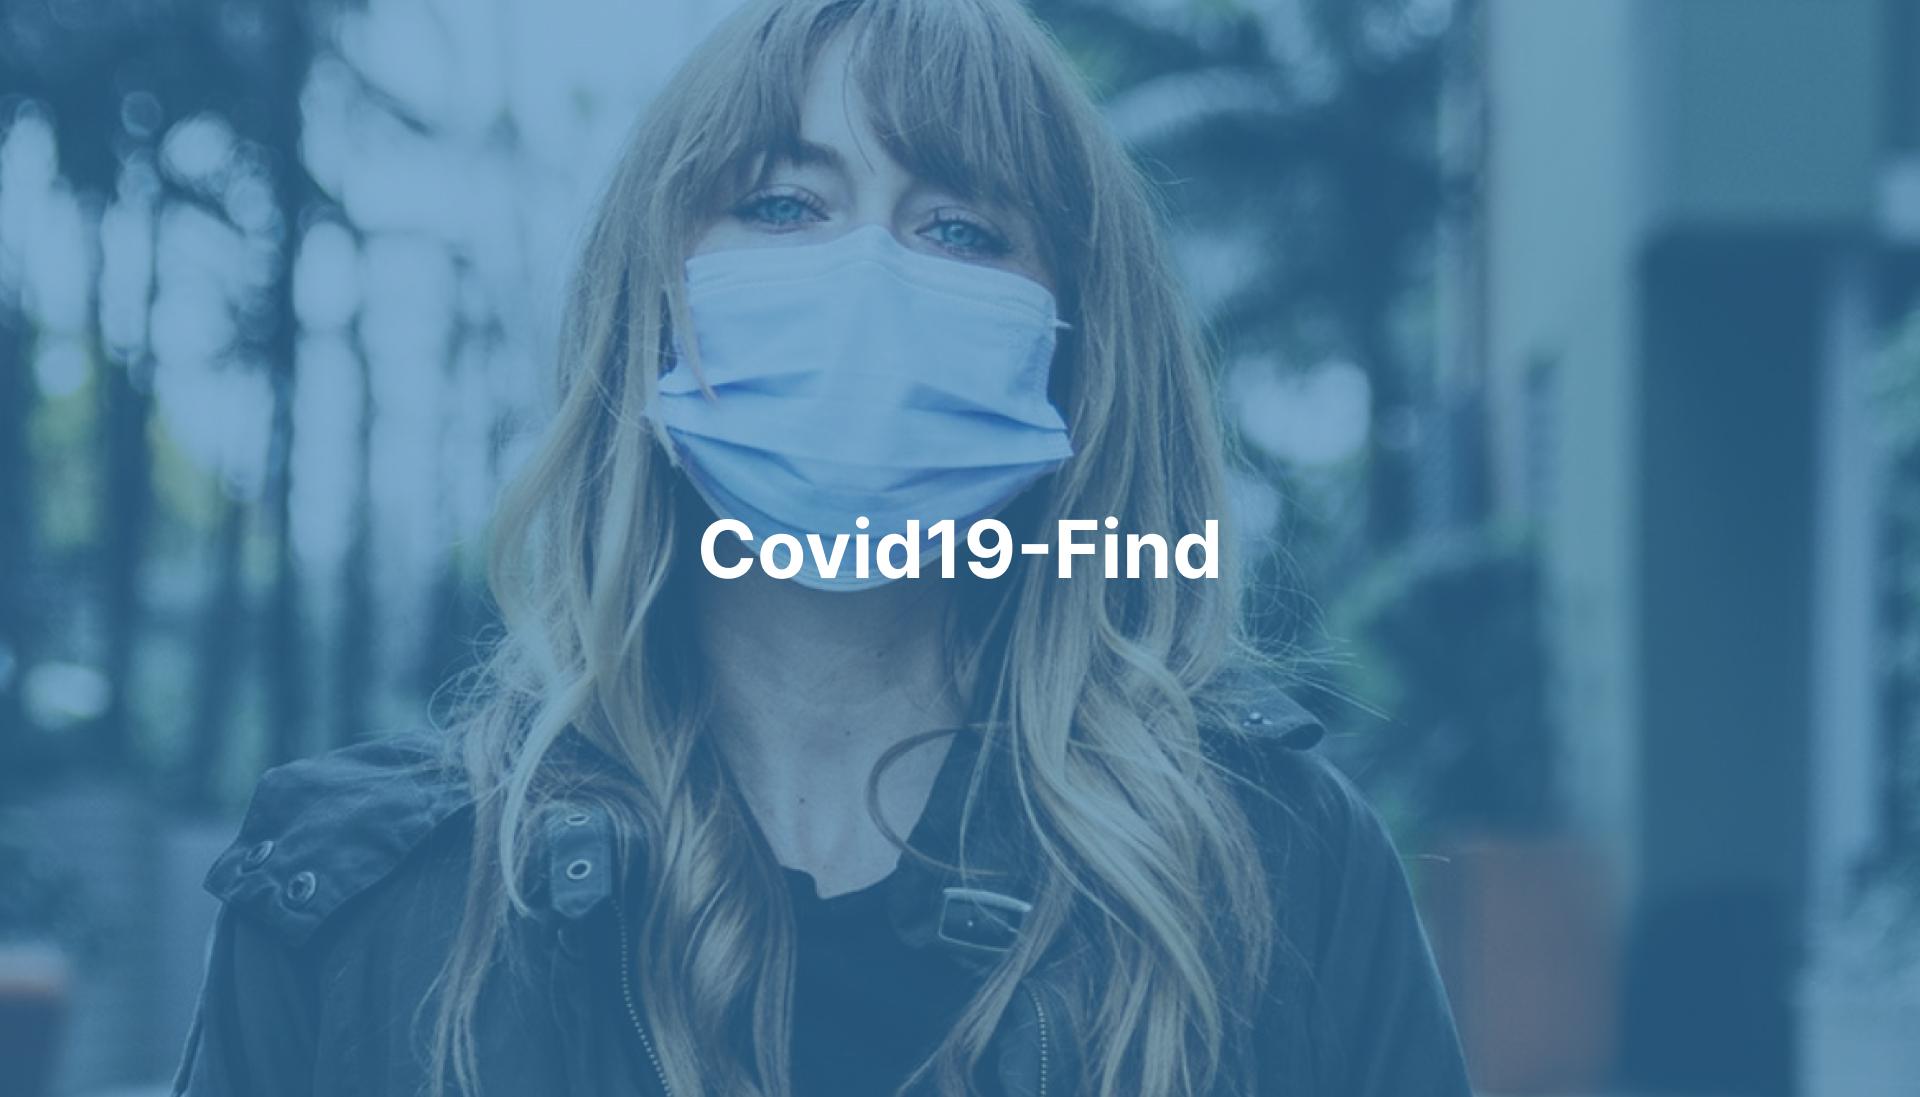 Covid19-Find